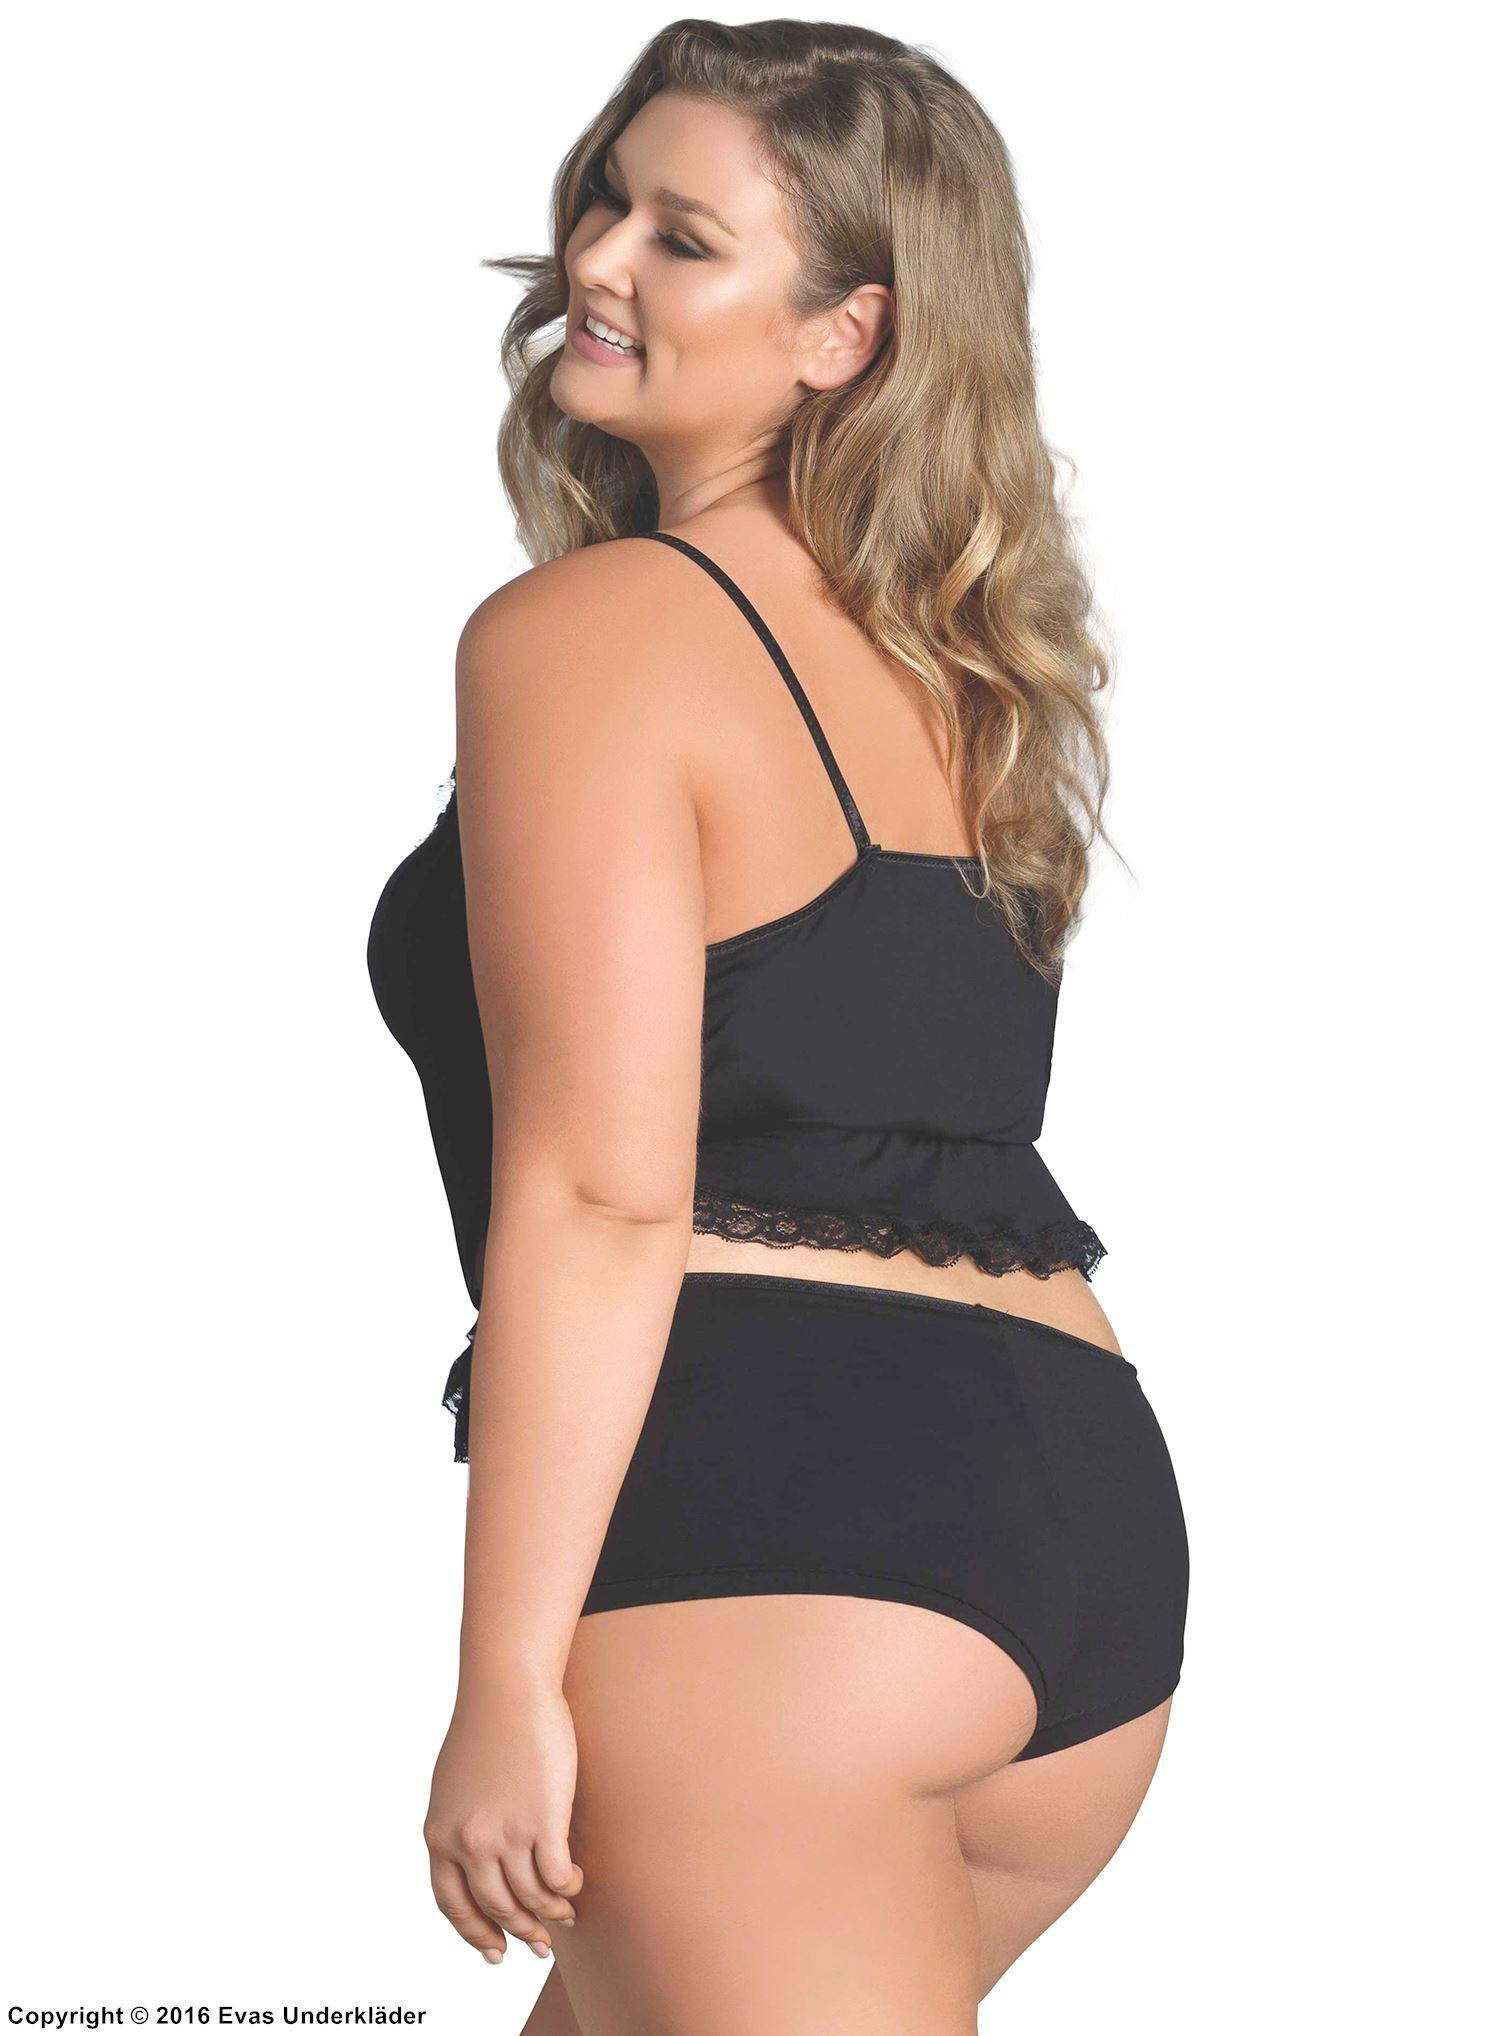 porrfilmer free sexiga underkläder plus size